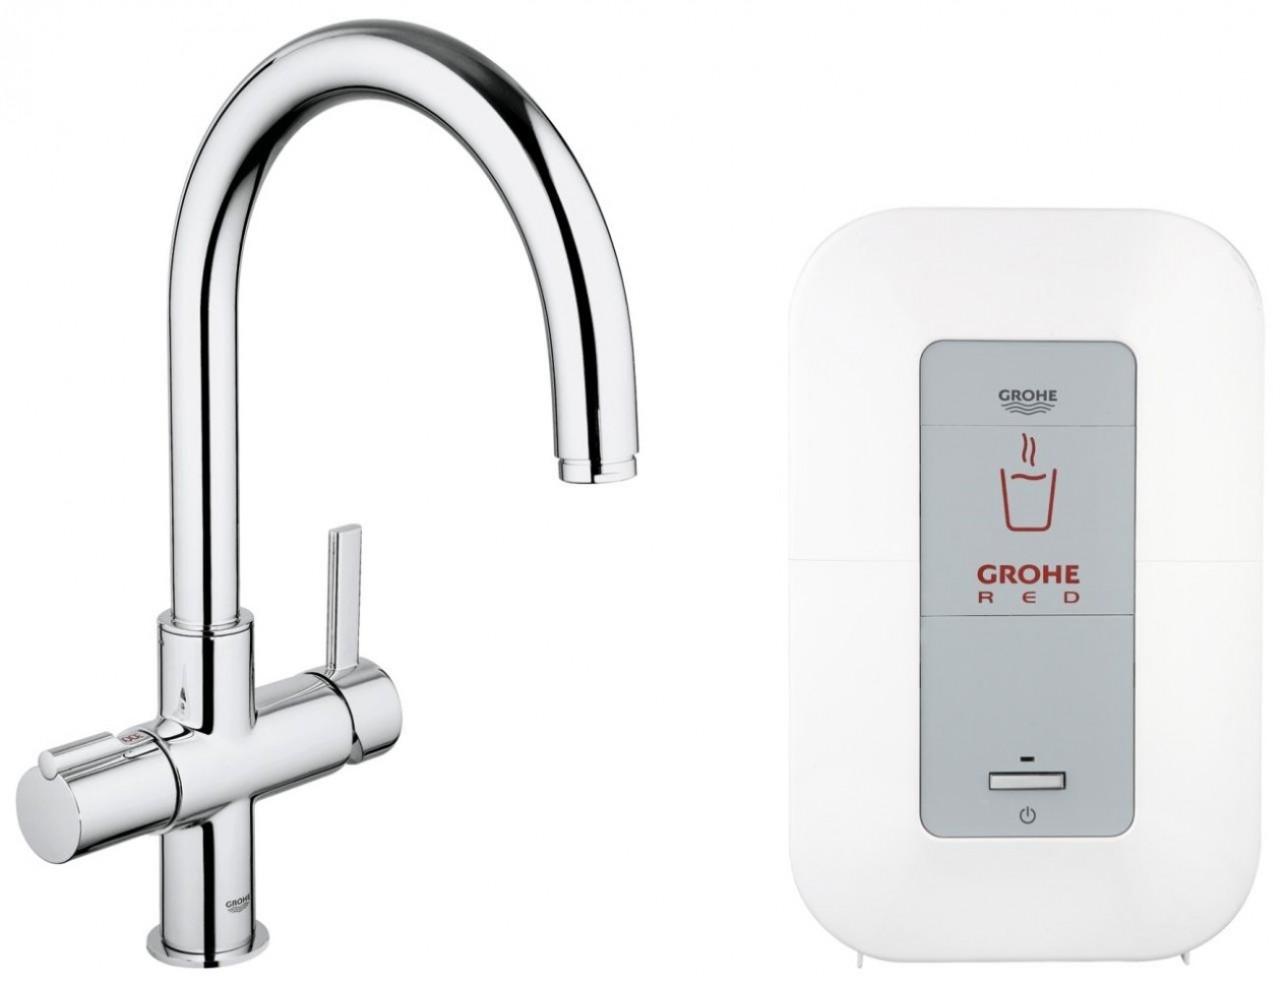 Miscelatore cucina grohe red duo con bollitore 30083000 rubinetti acqua bollente rubinetti - Miscelatore cucina perde acqua ...